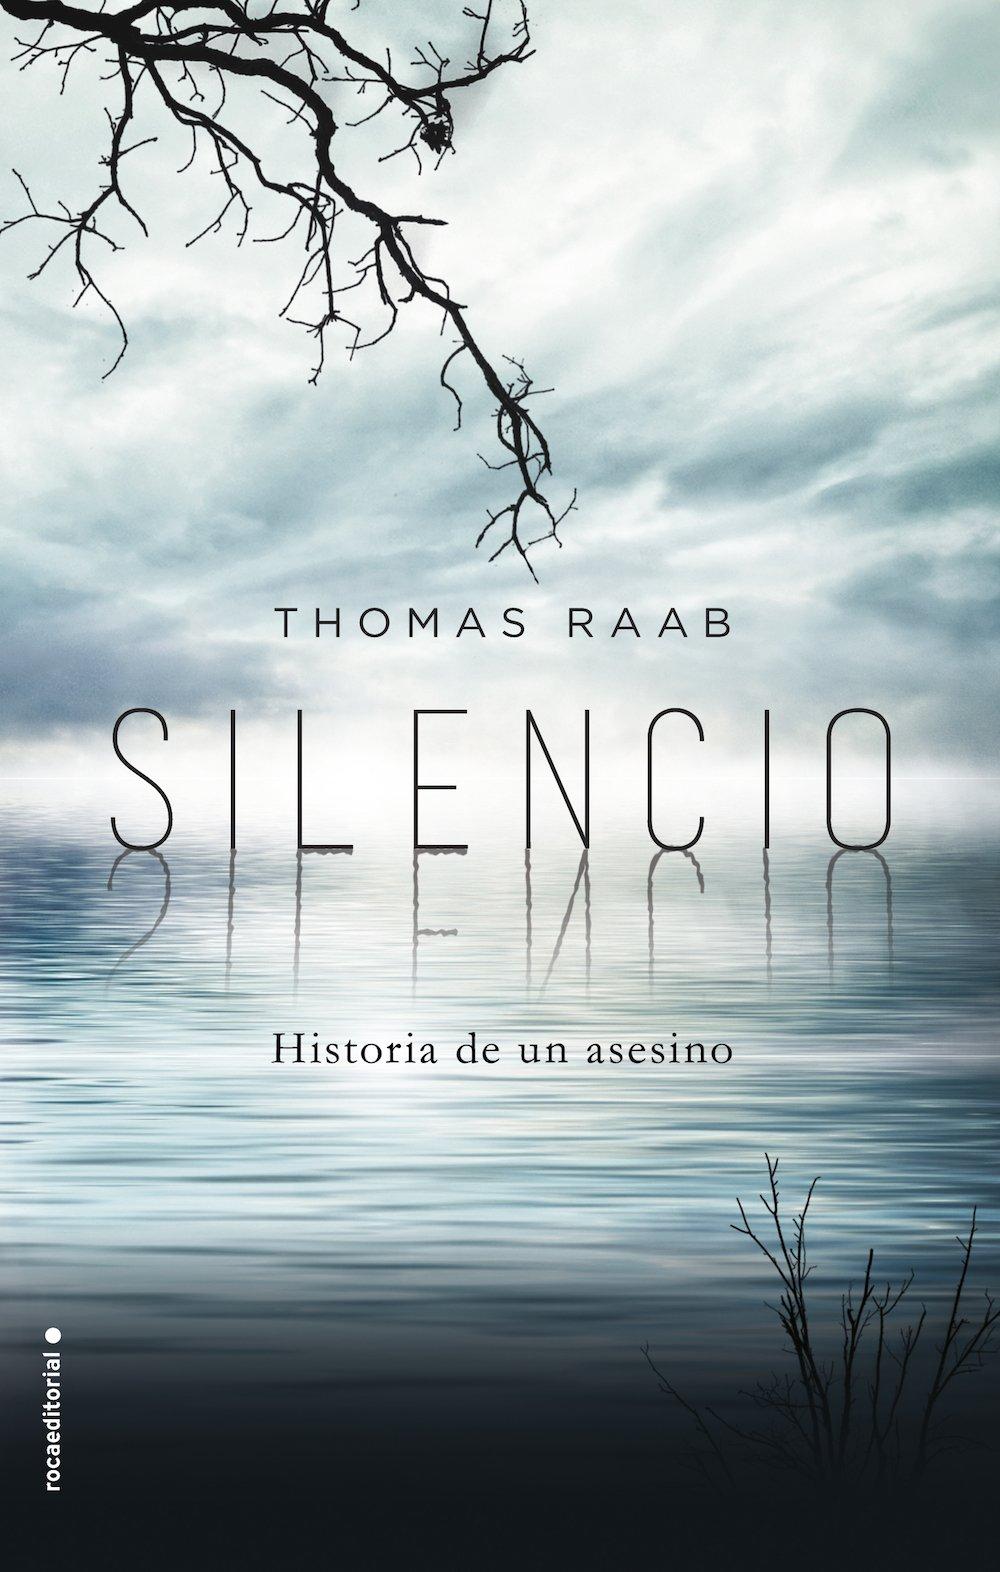 Portada libro - Silencio: Historia de un asesino